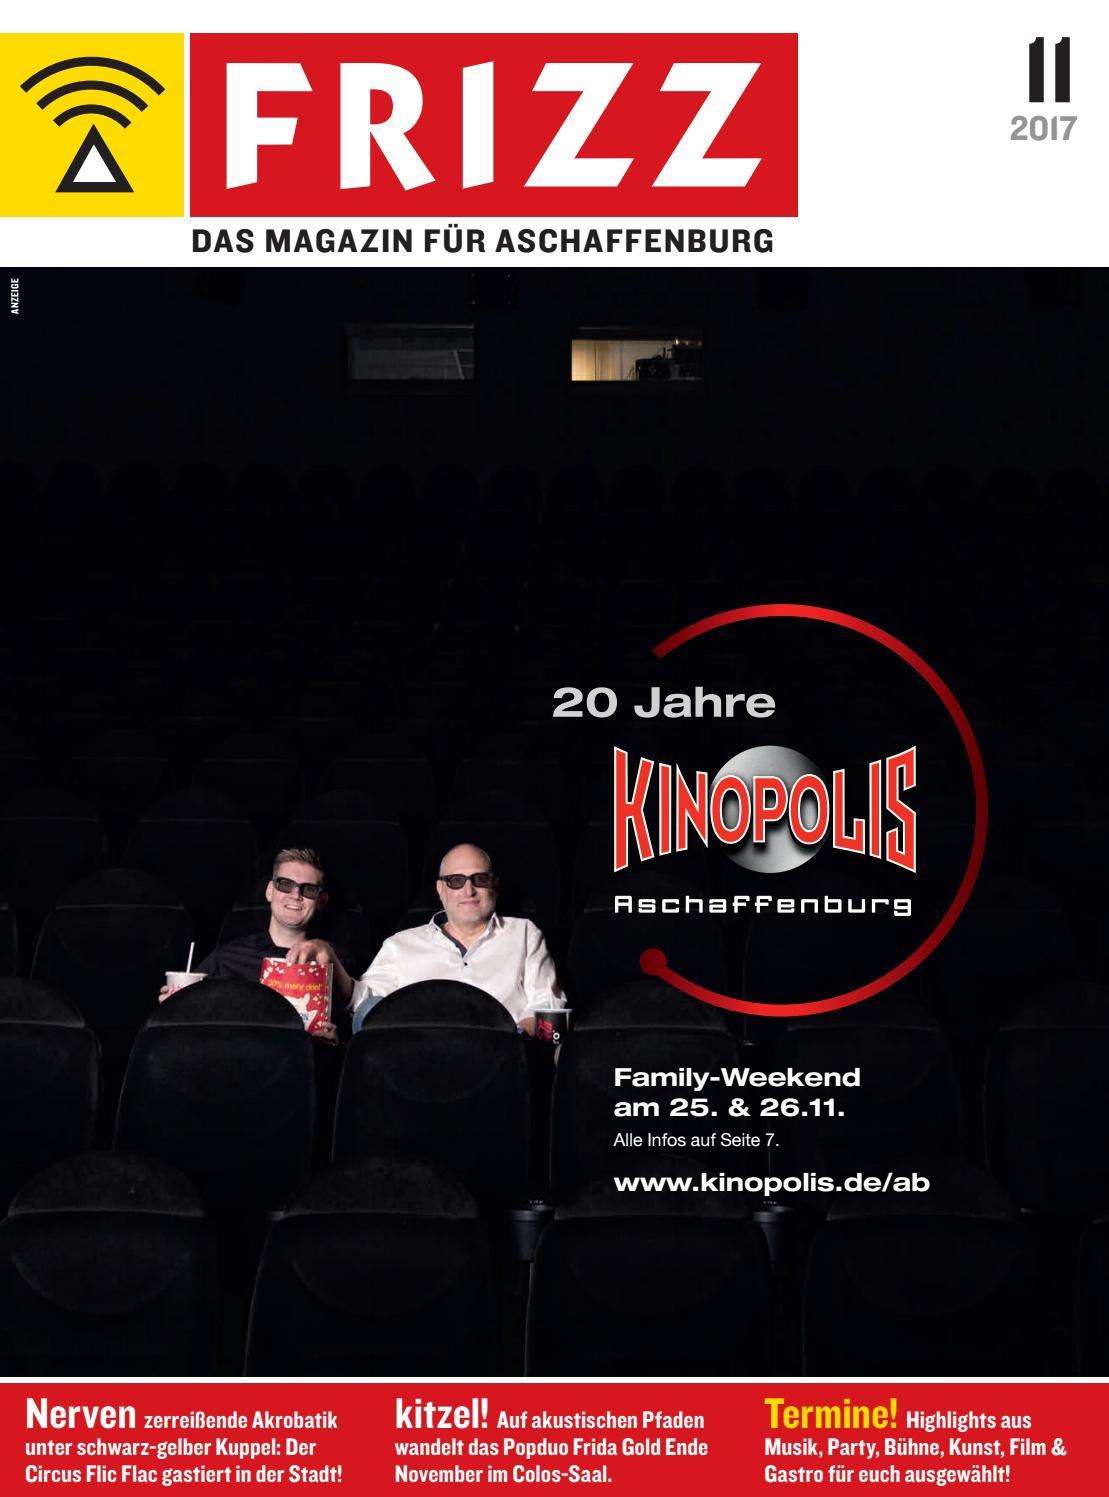 FRIZZ Aschaffenburg 11|2017 by MorgenWelt Verlag issuu